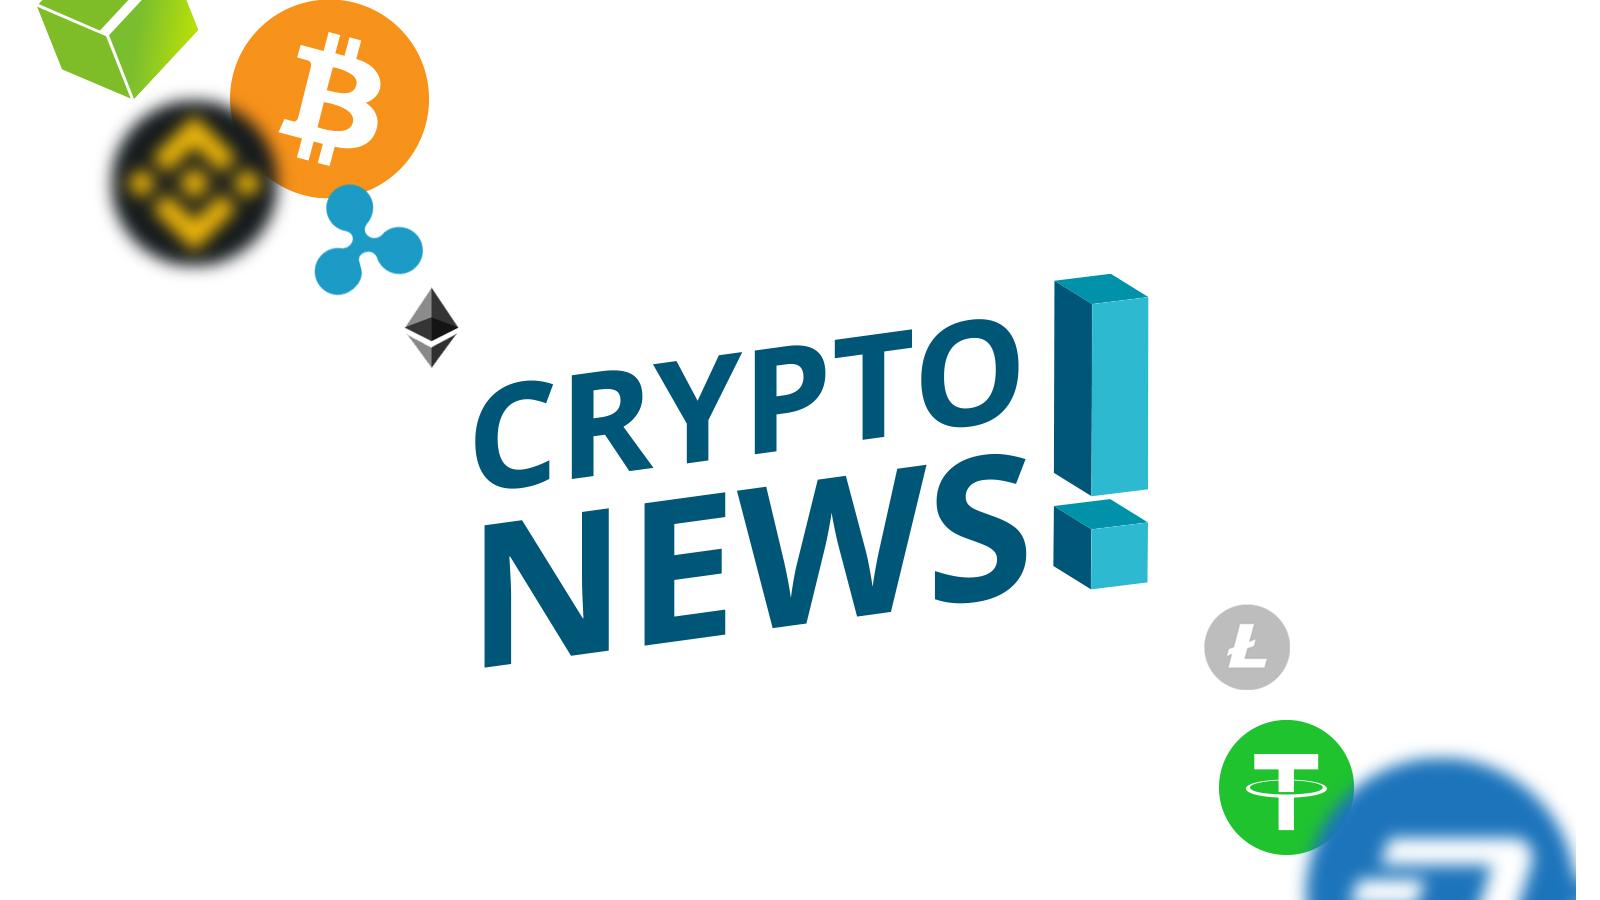 BOTS crypto news semaine 14